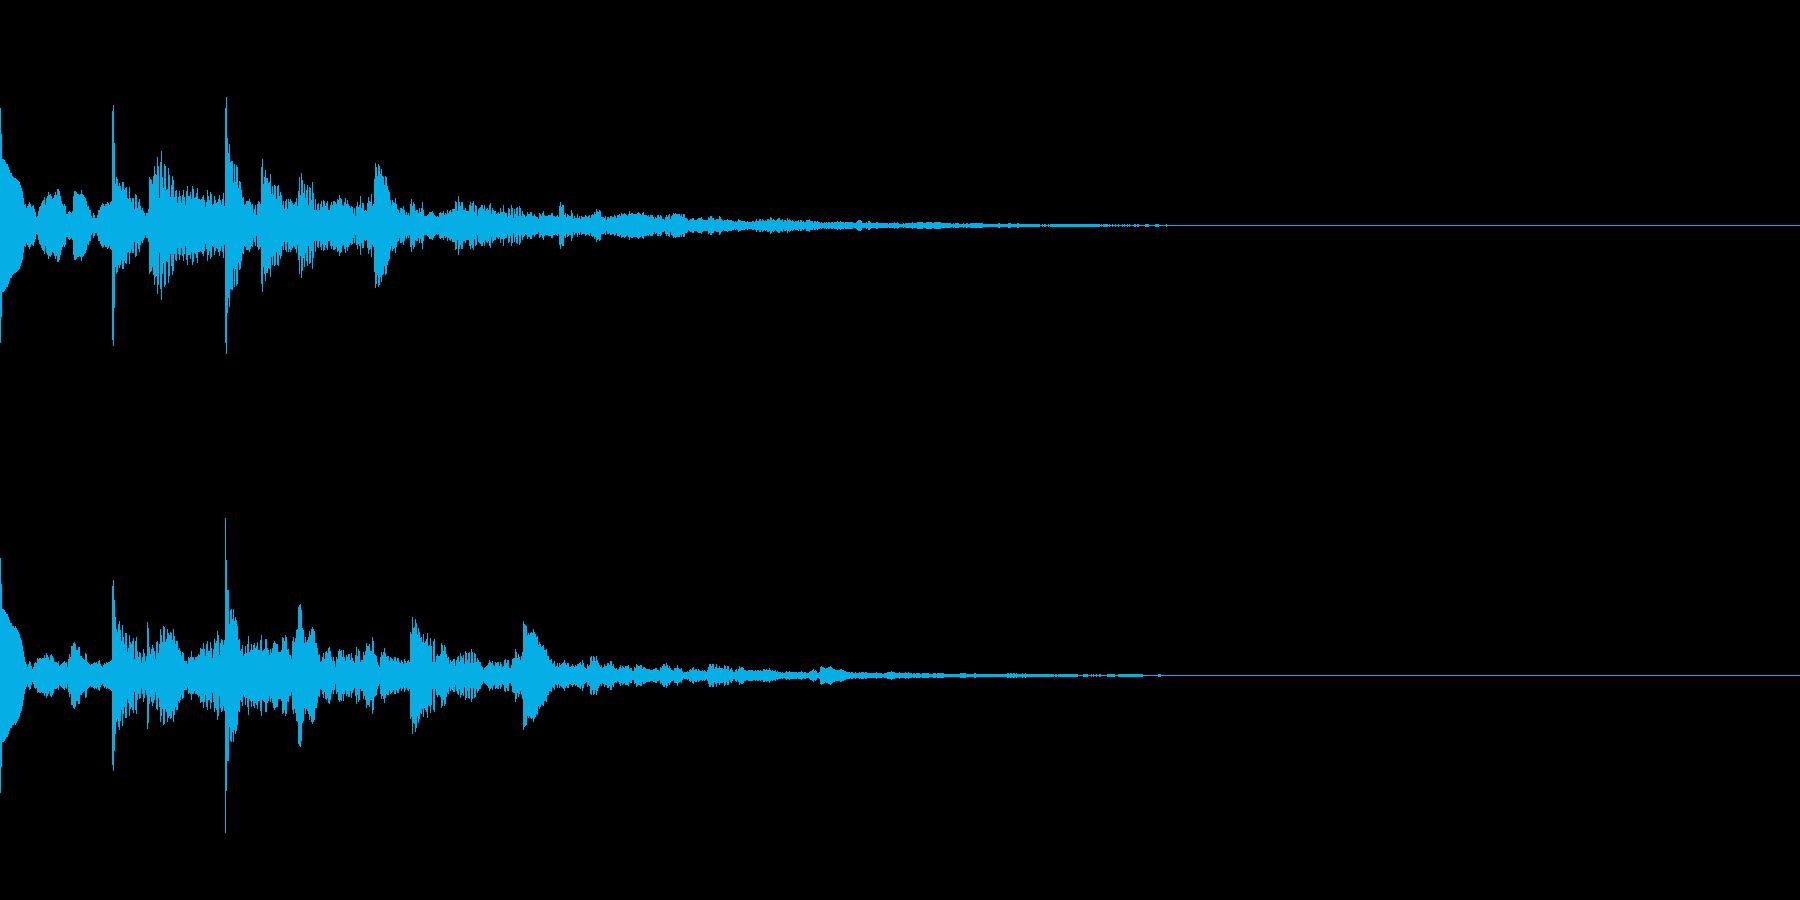 ニュース・お知らせ1の再生済みの波形